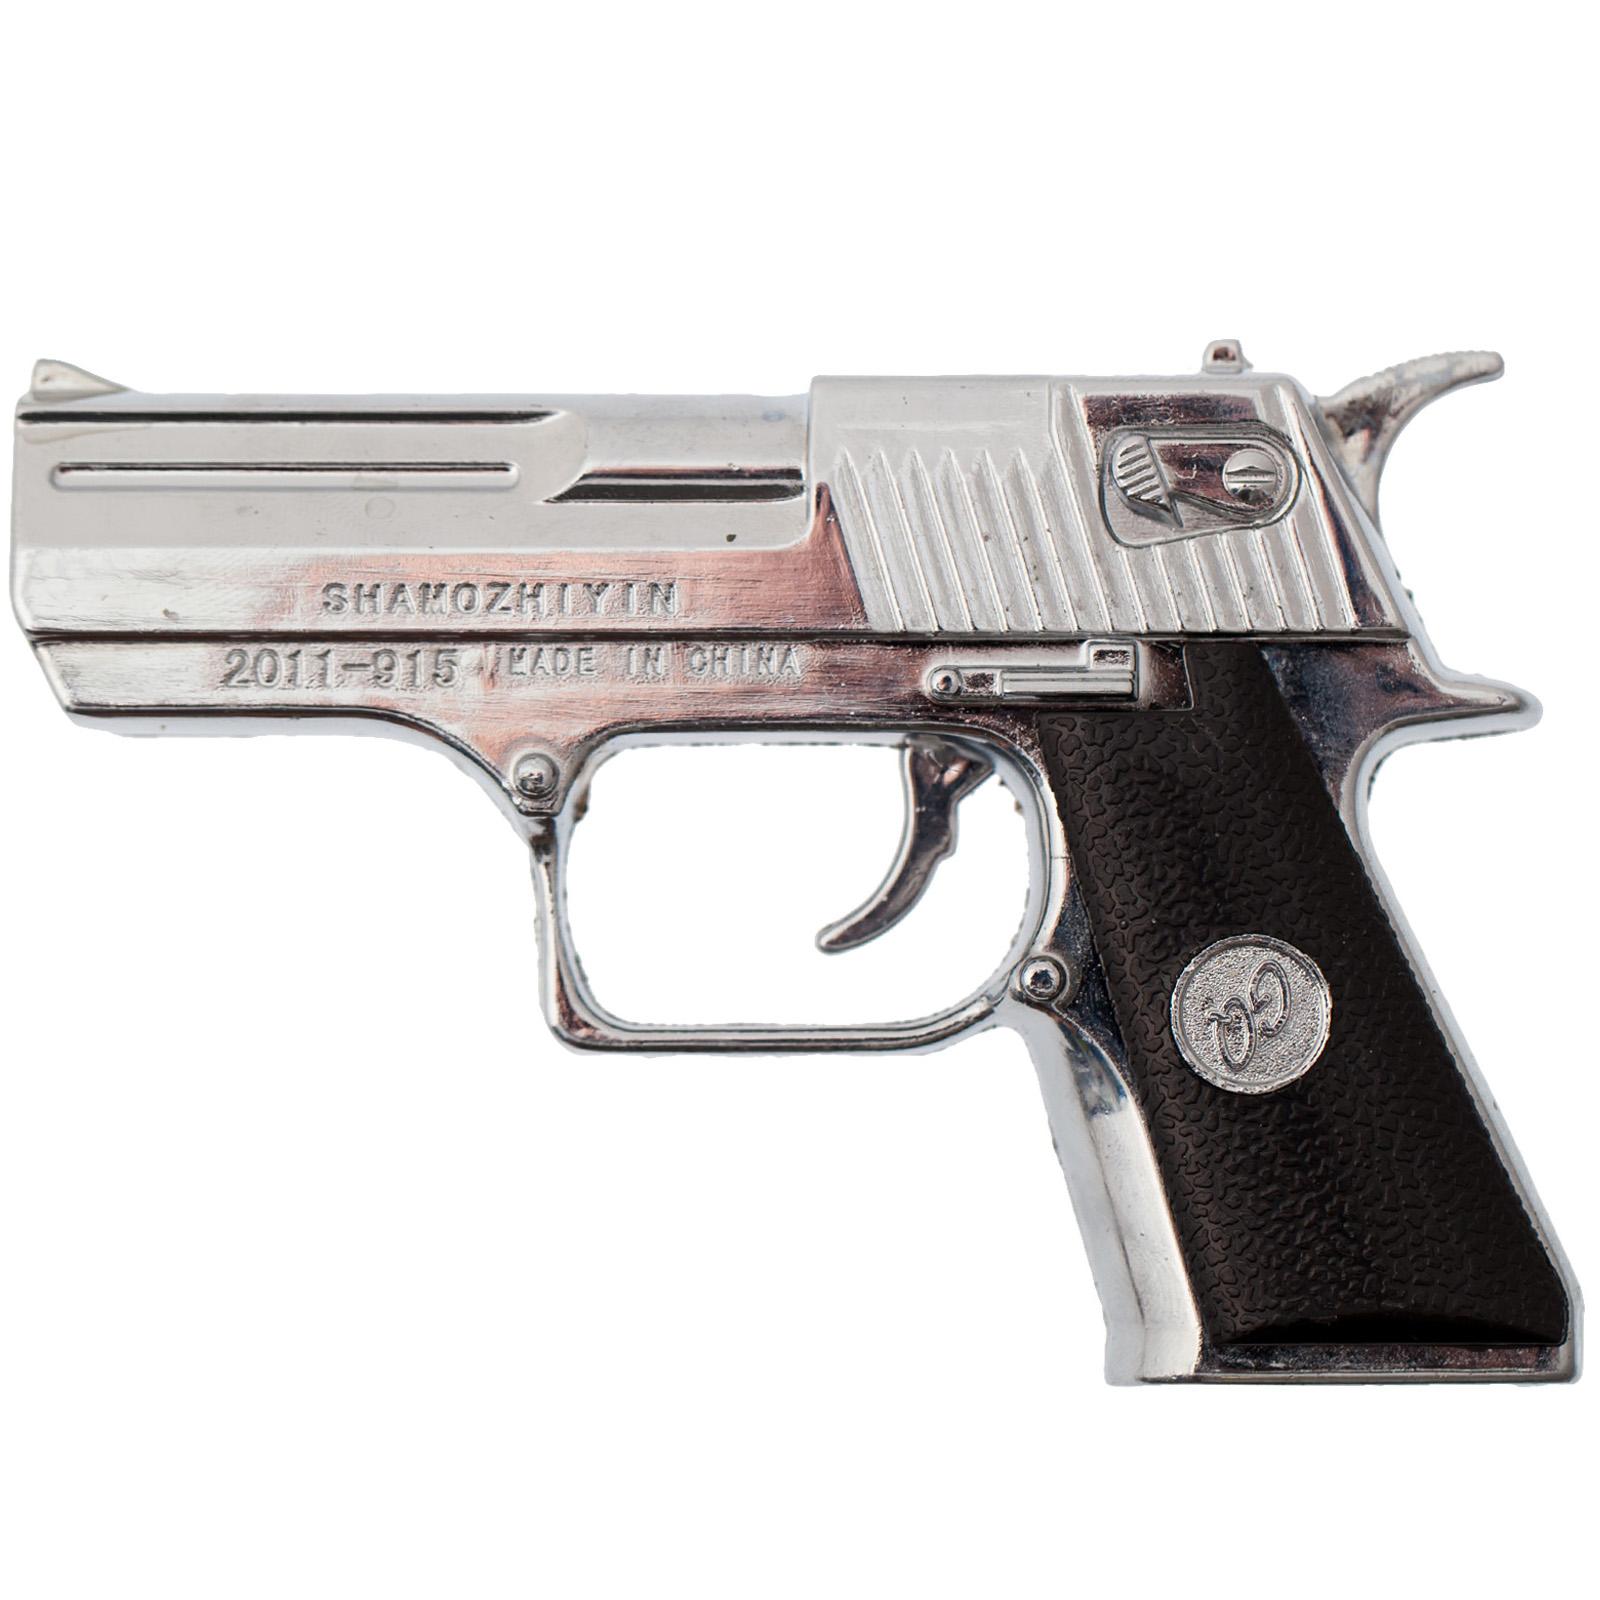 Пистолет-зажигалка в подарок по лучшей цене